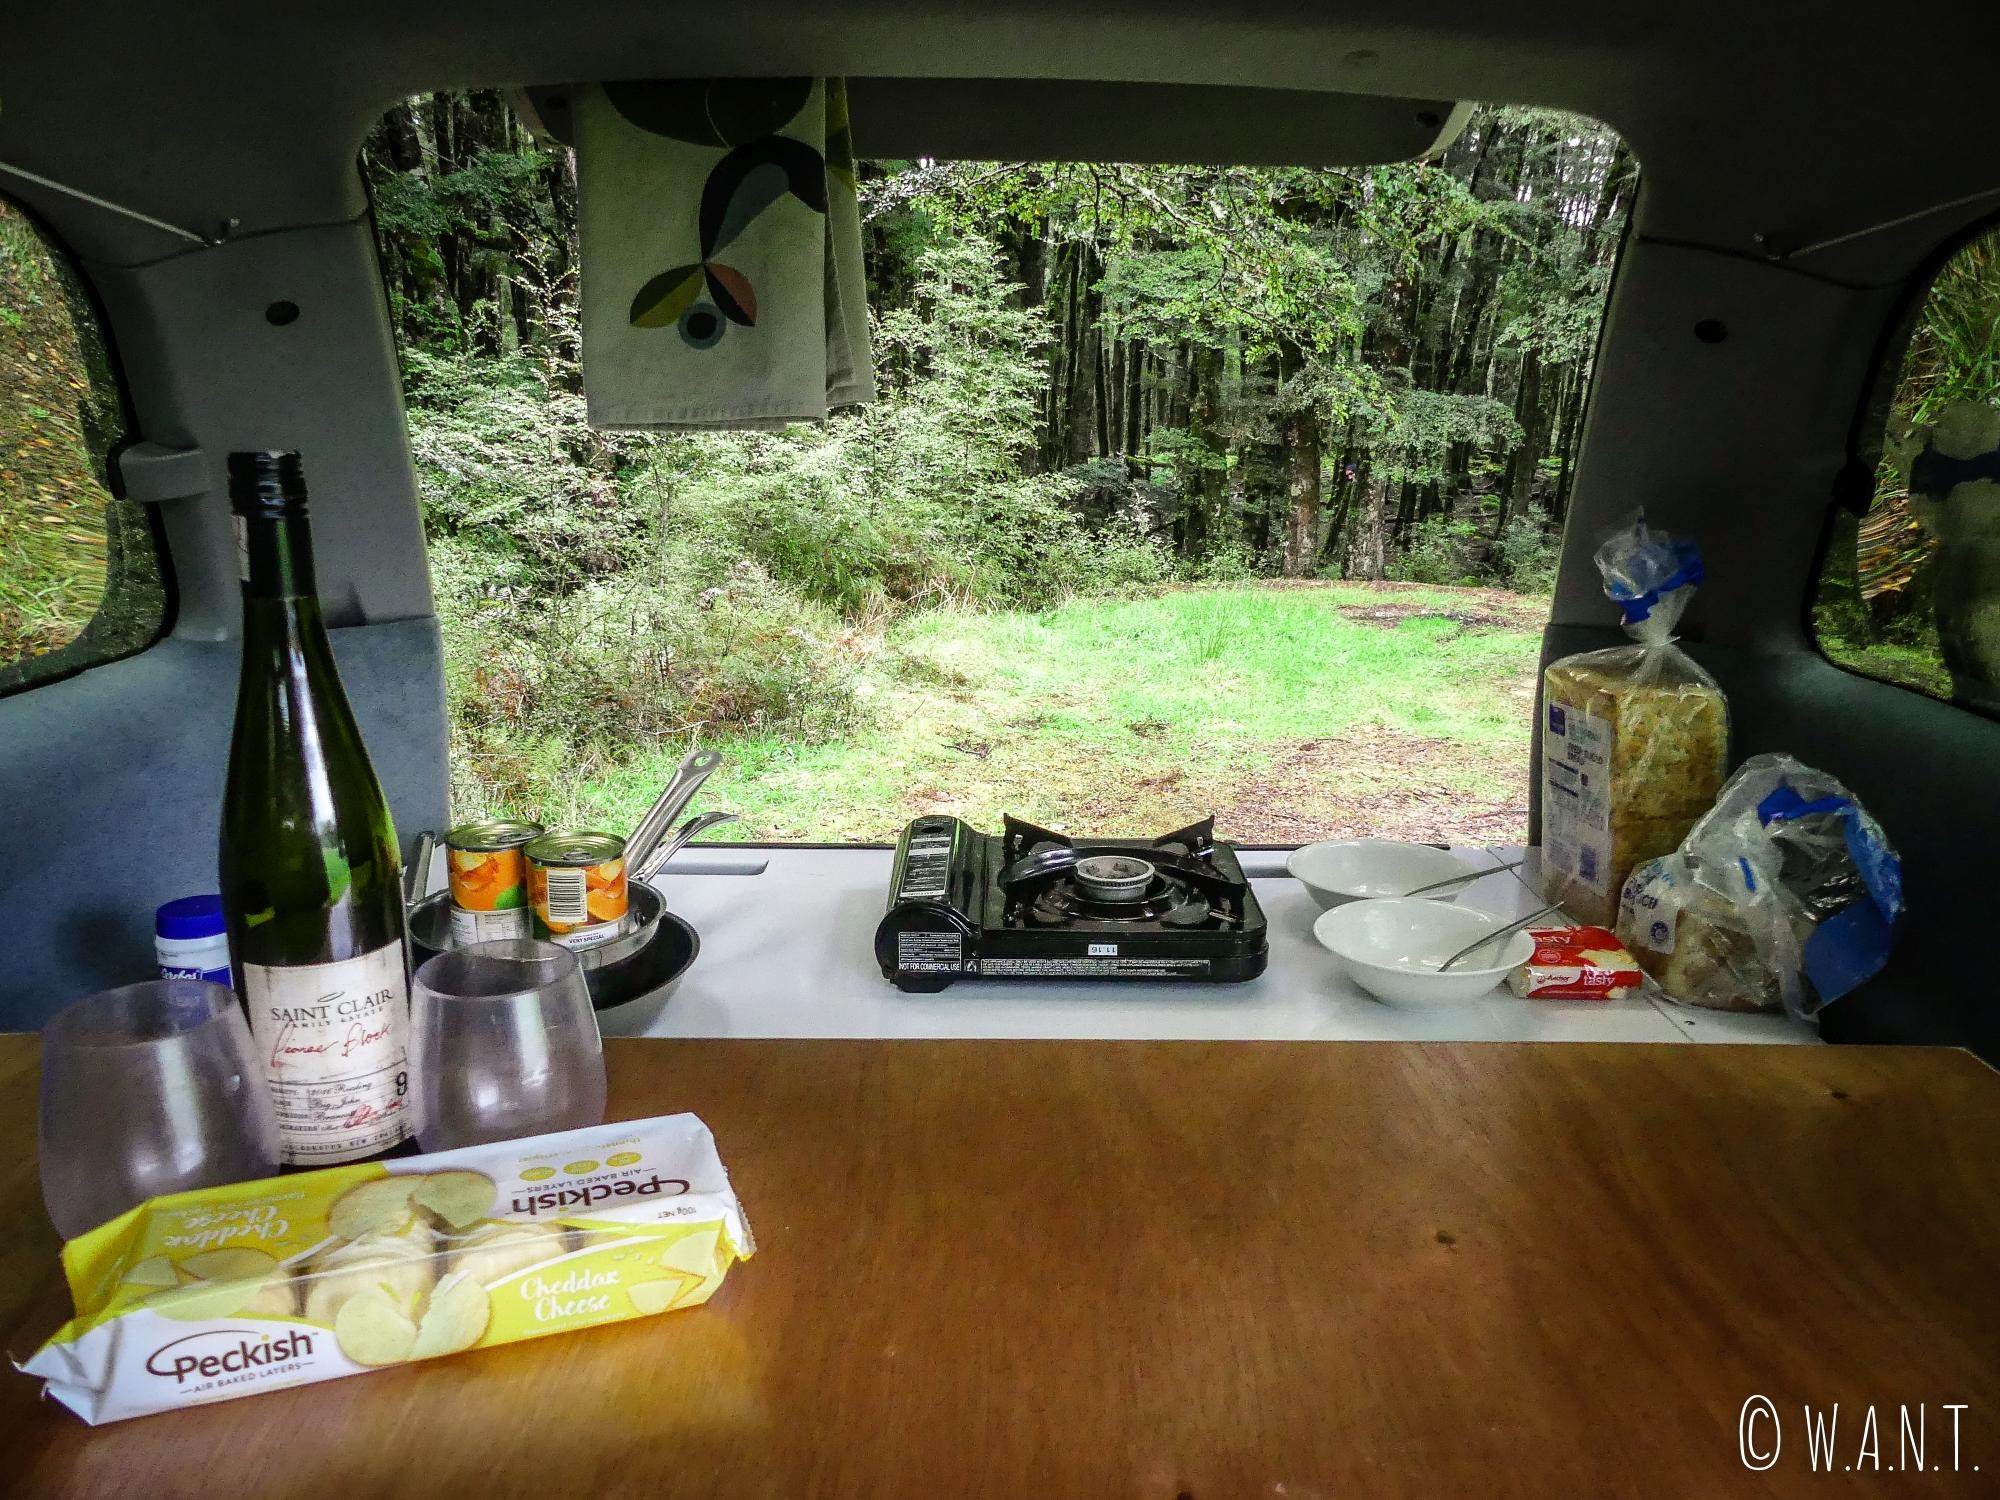 Diner de champions après une journée incroyable au Fiordland National Park en Nouvelle-Zélande